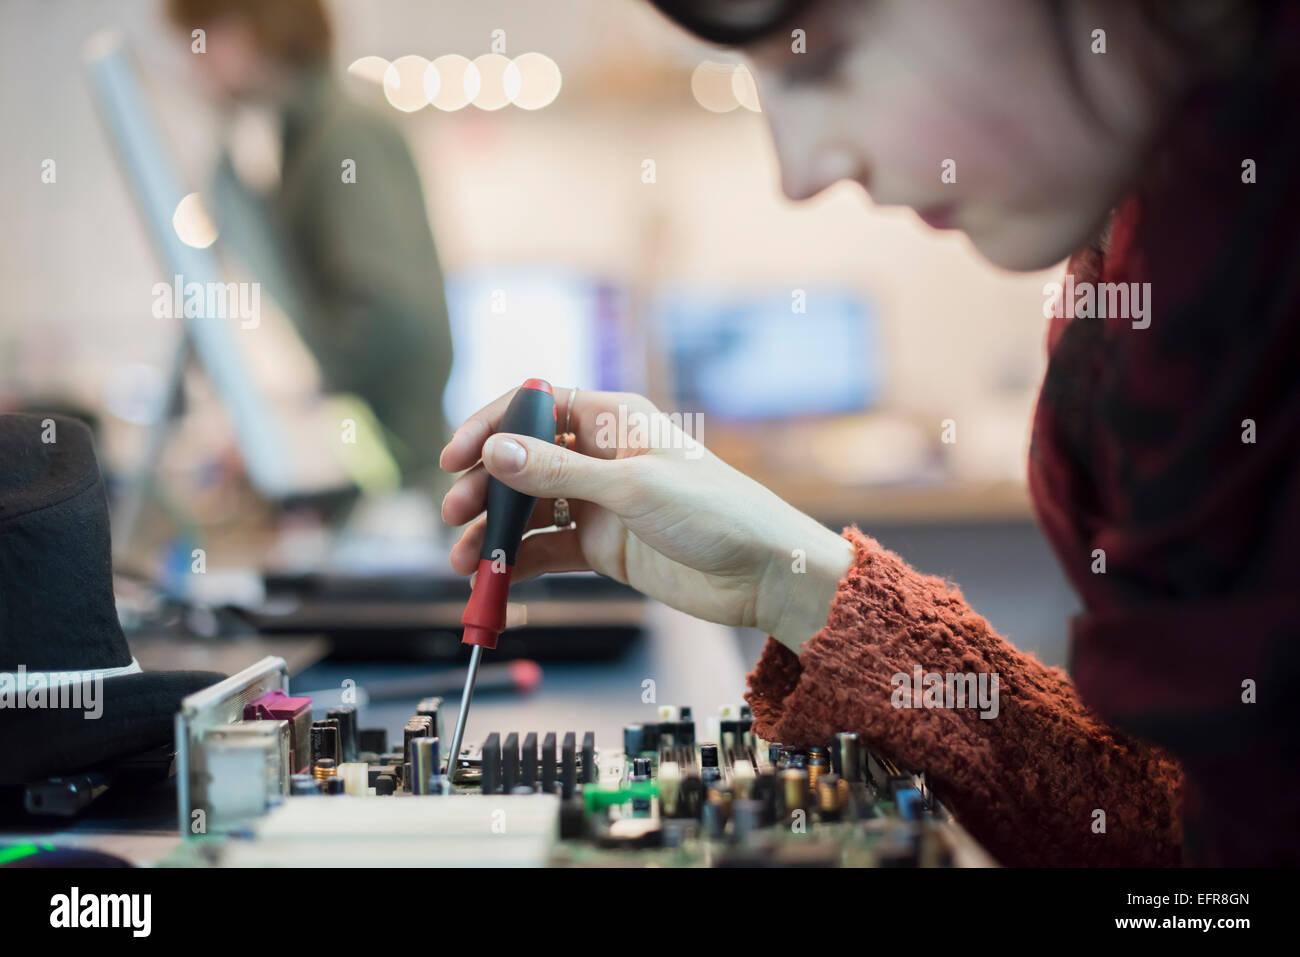 La riparazione di un computer Shop. Una donna usando un cacciavite elettronico strumento su un circuito integrato Immagini Stock